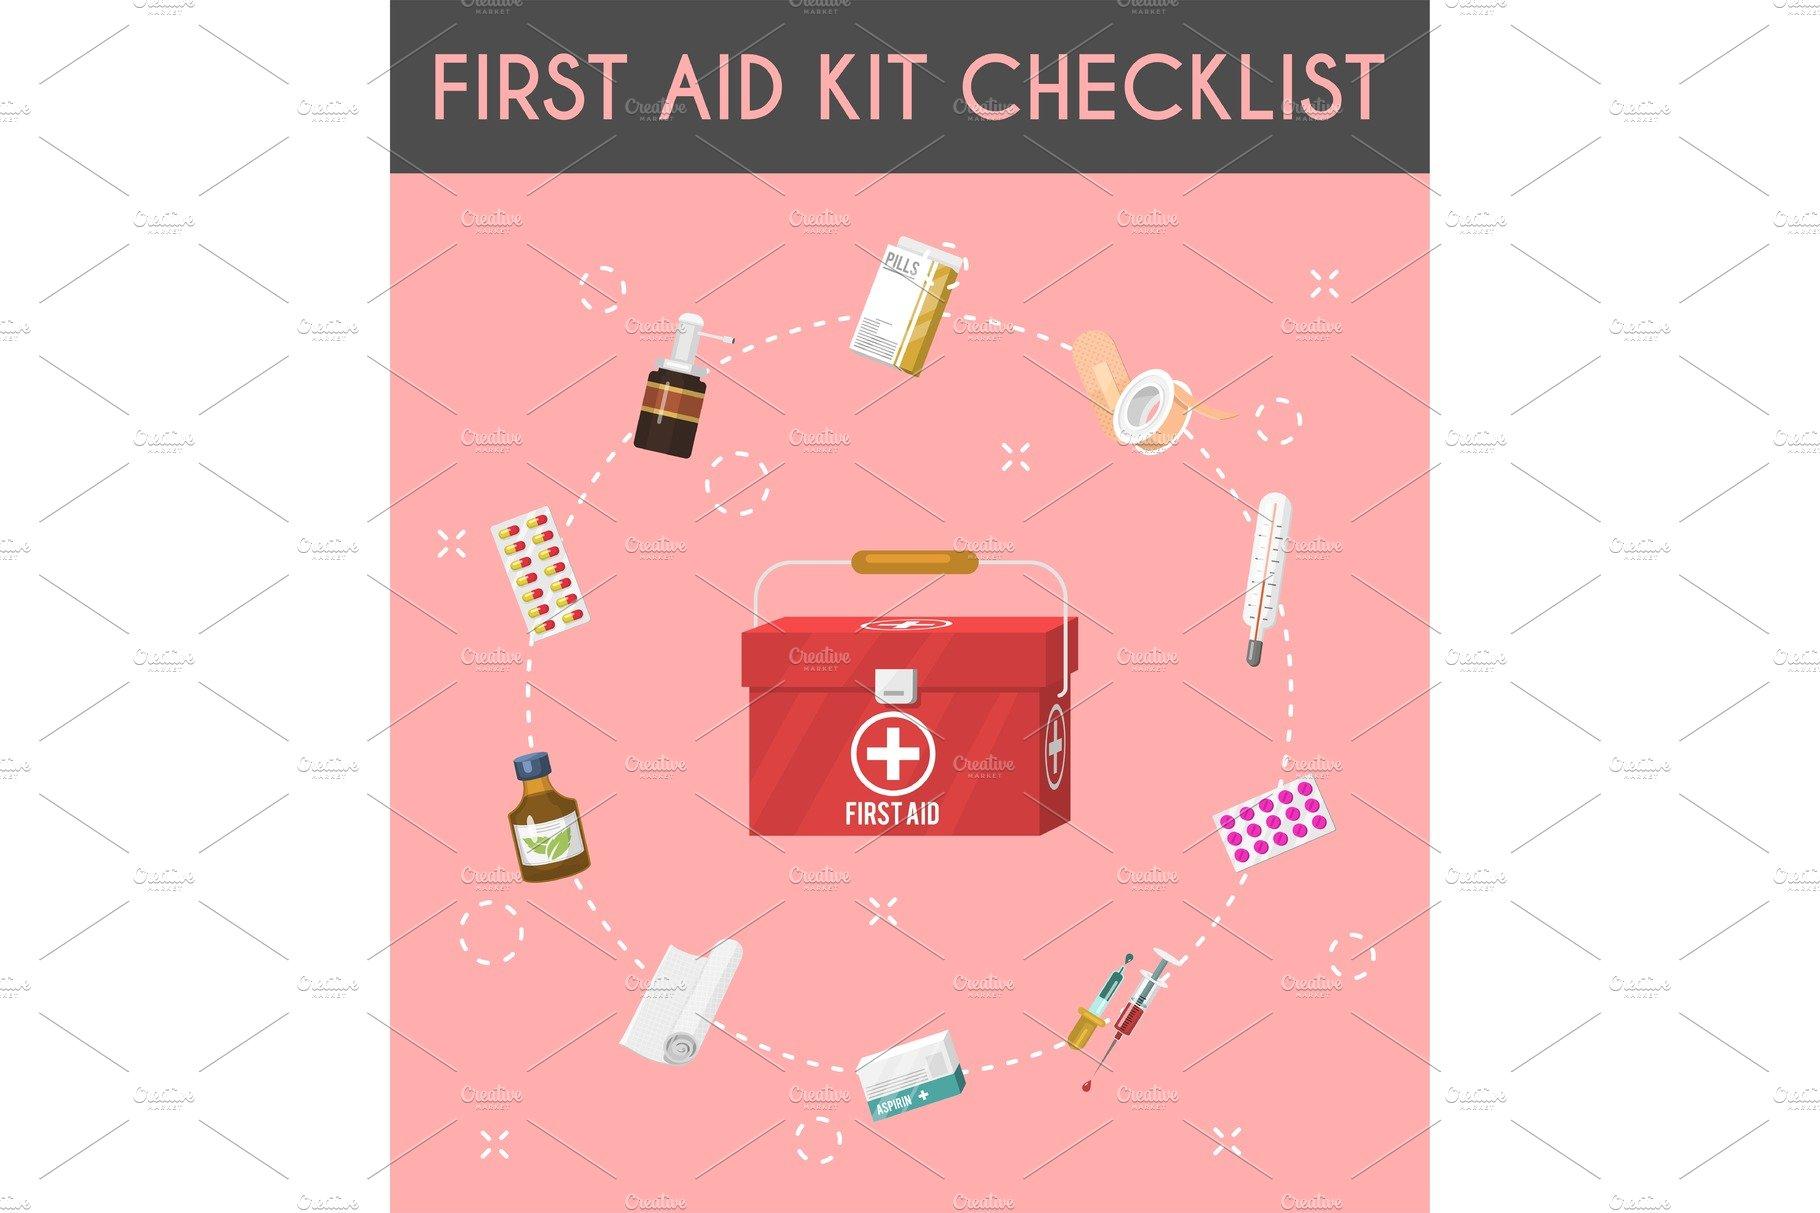 First aid kit cartoon checklist